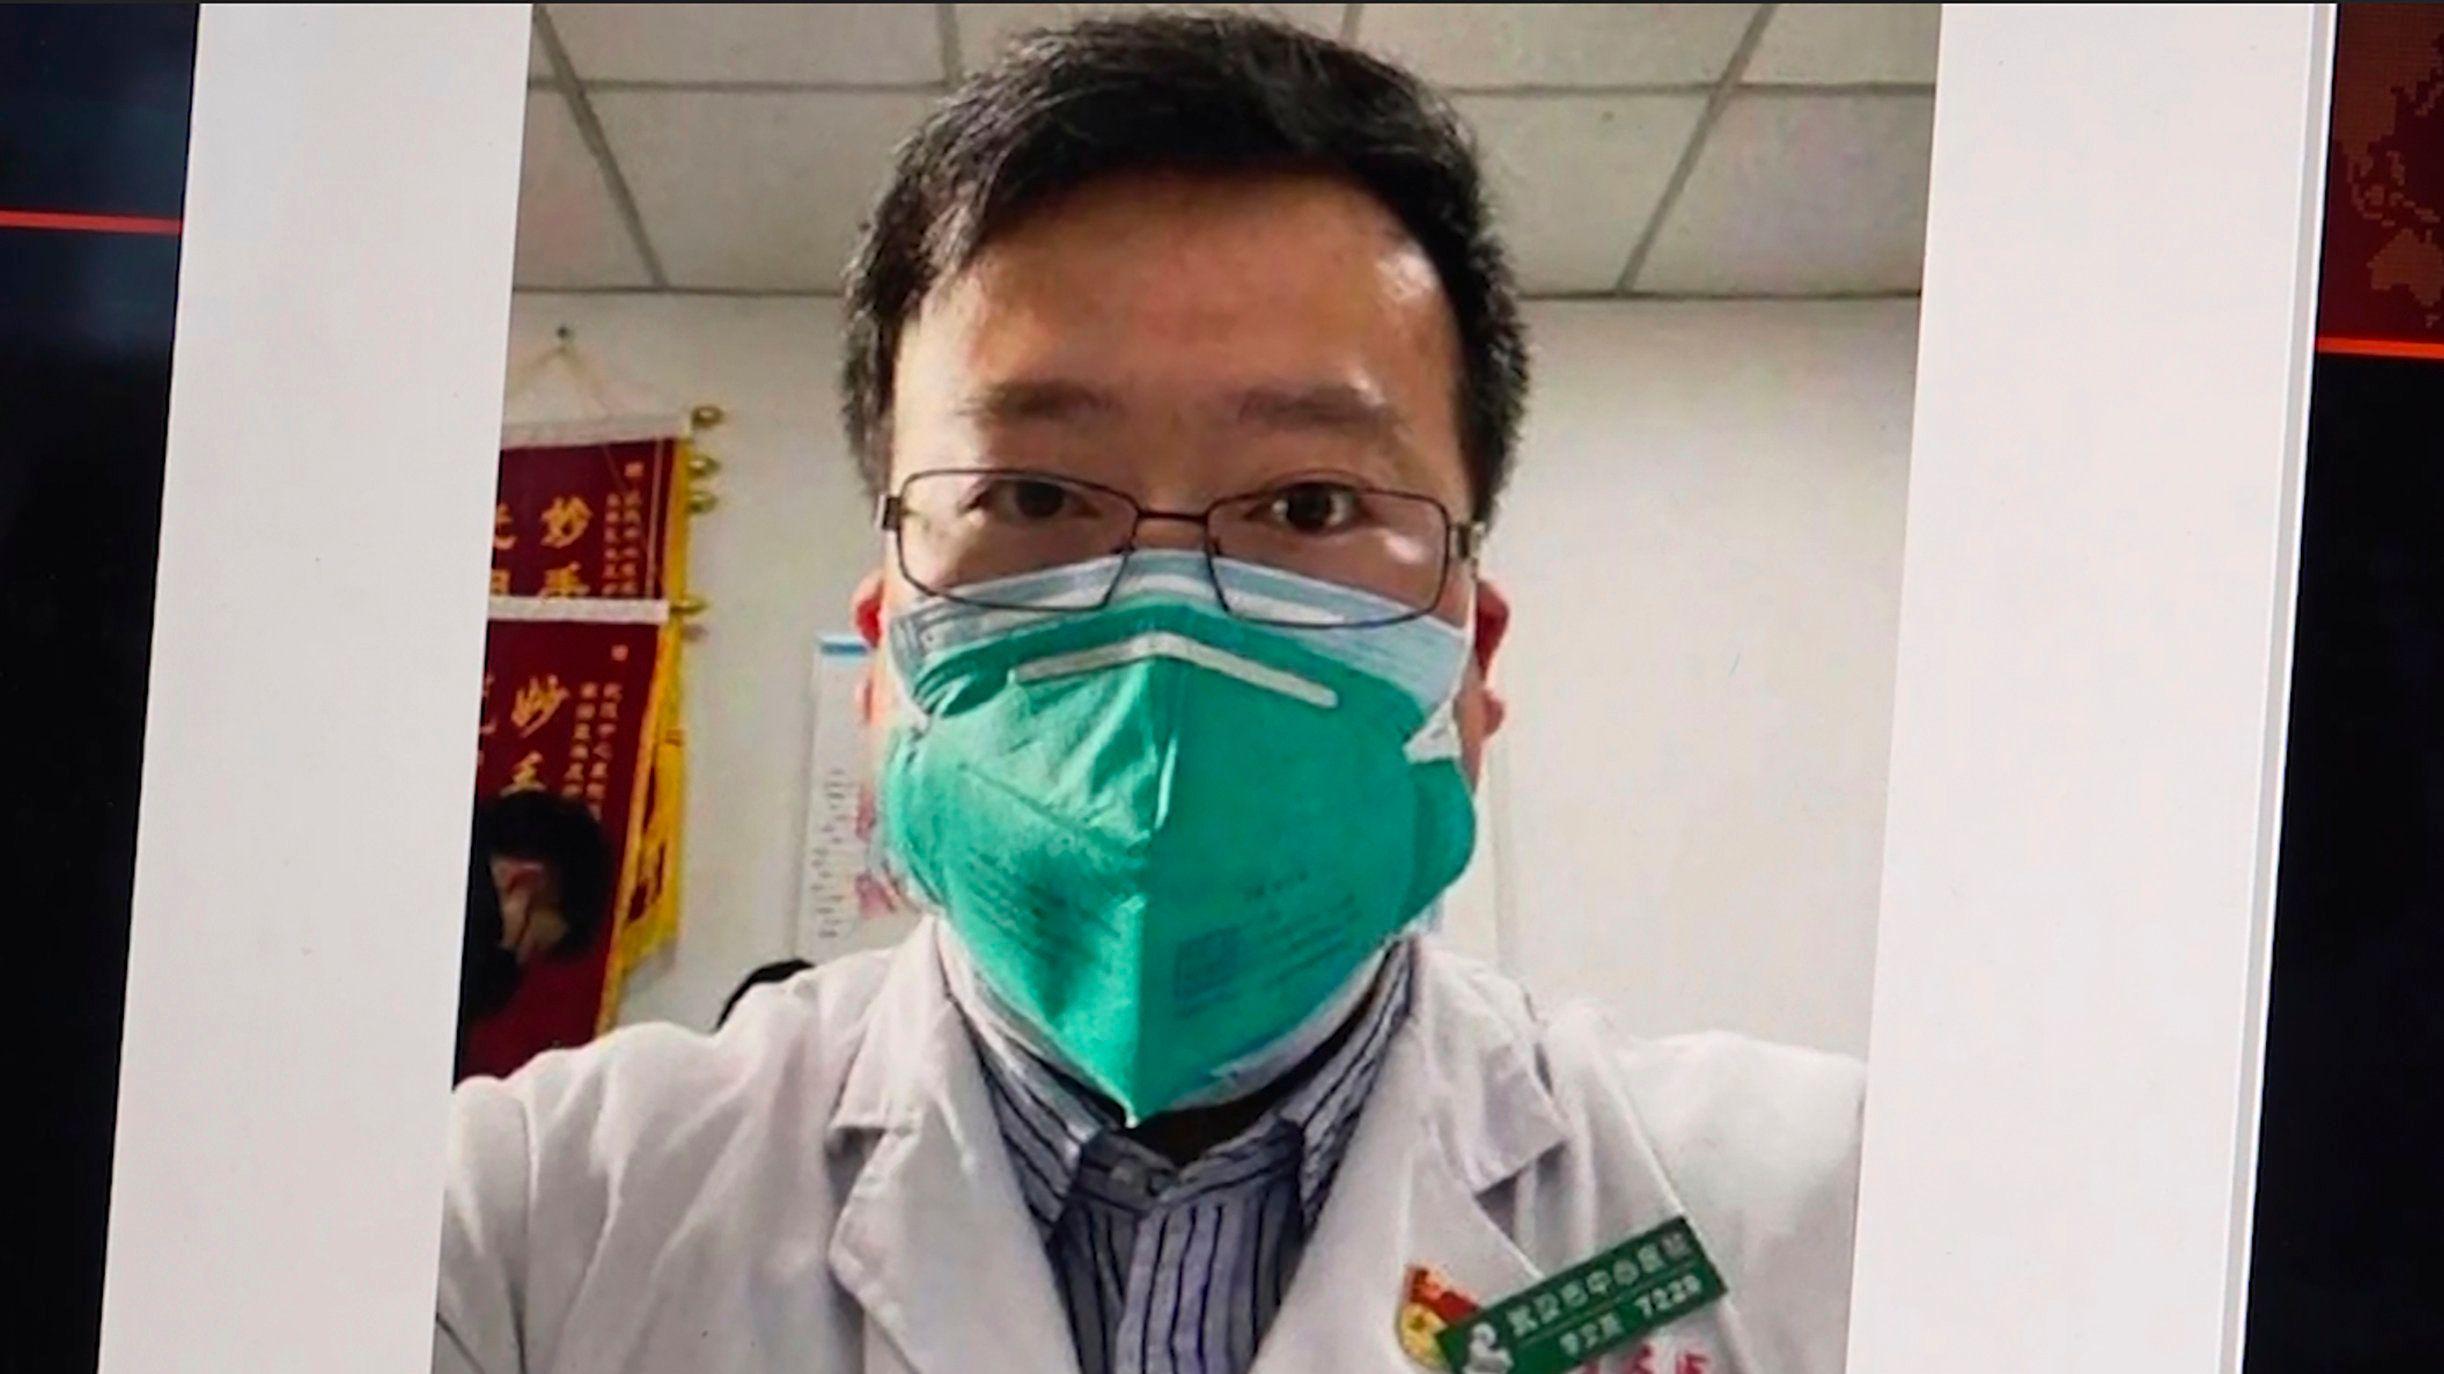 Dieses Bild aus dem Video, zeigt ein Selfie von Dr. Li Wenliang. Nach dem Tod des chinesischen Arztes Li Wenliang, der frühzeitig vor dem Ausbruch des neuartigen Coronavirus gewarnt hatte, hat die chinesische Regierung eine offizielle Untersuchung gestartet.